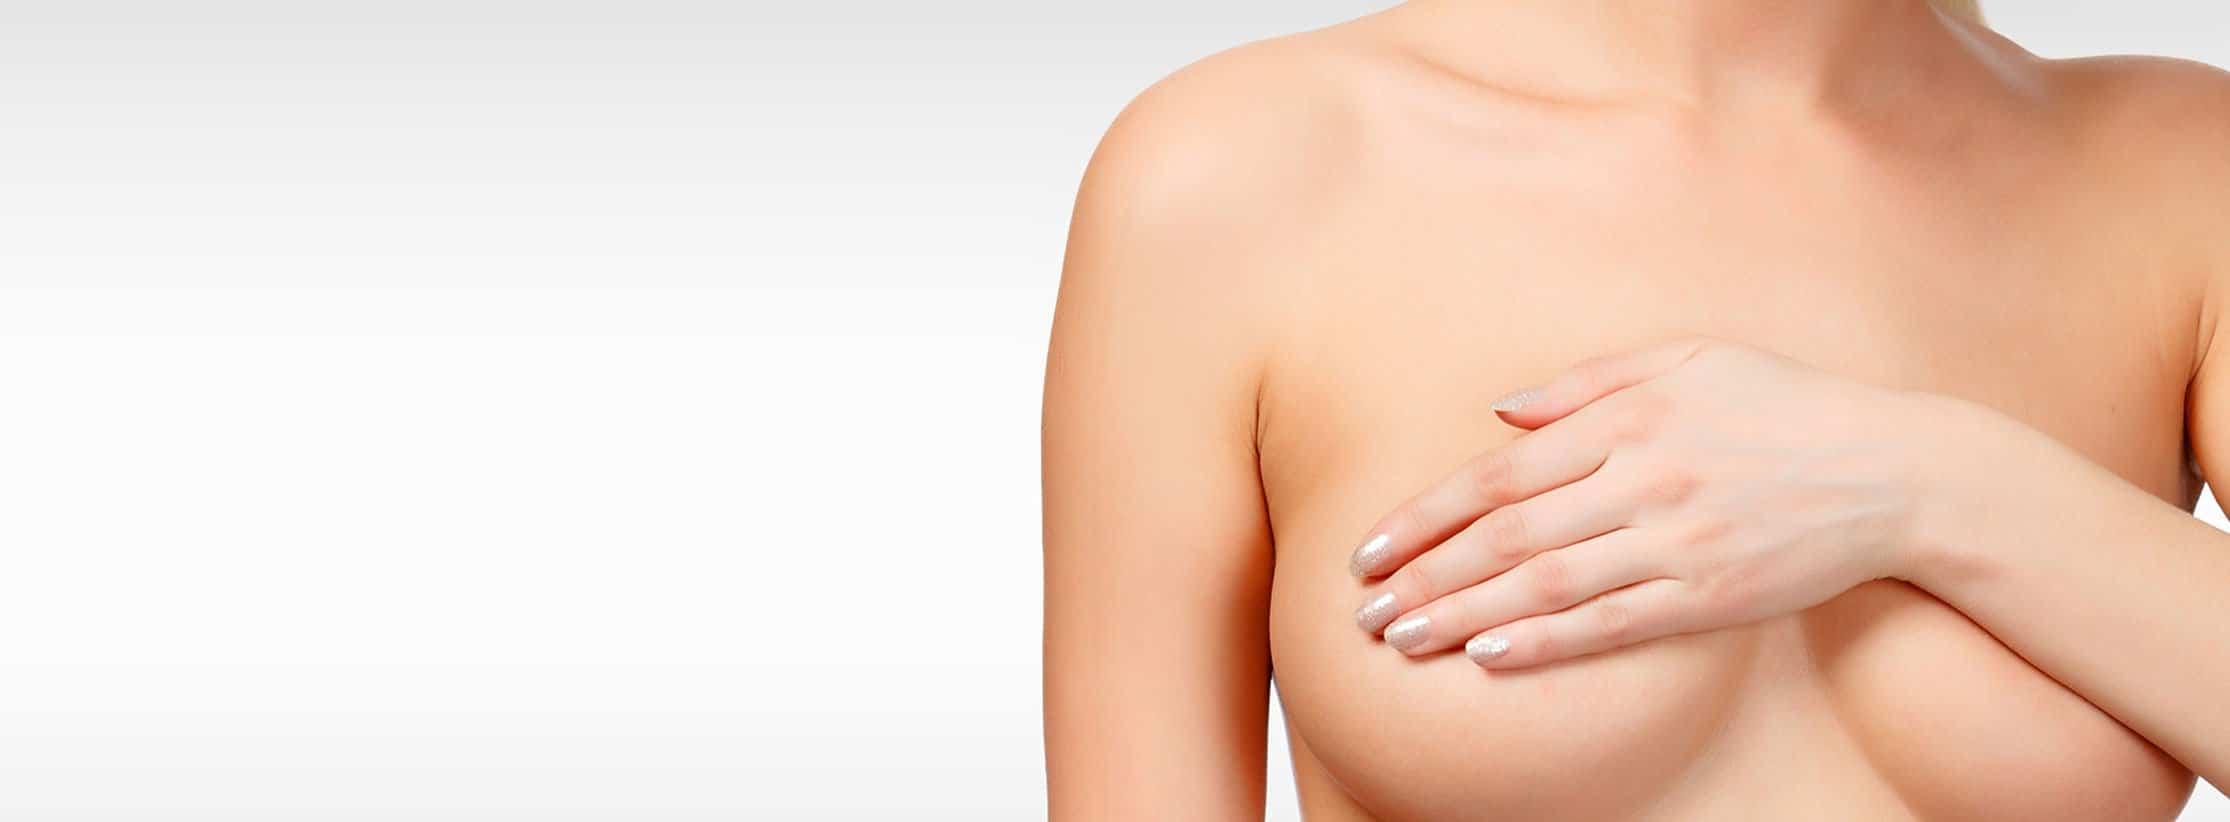 Brustvergrößerung mit Implantaten in der Praxis Dr. Hörl